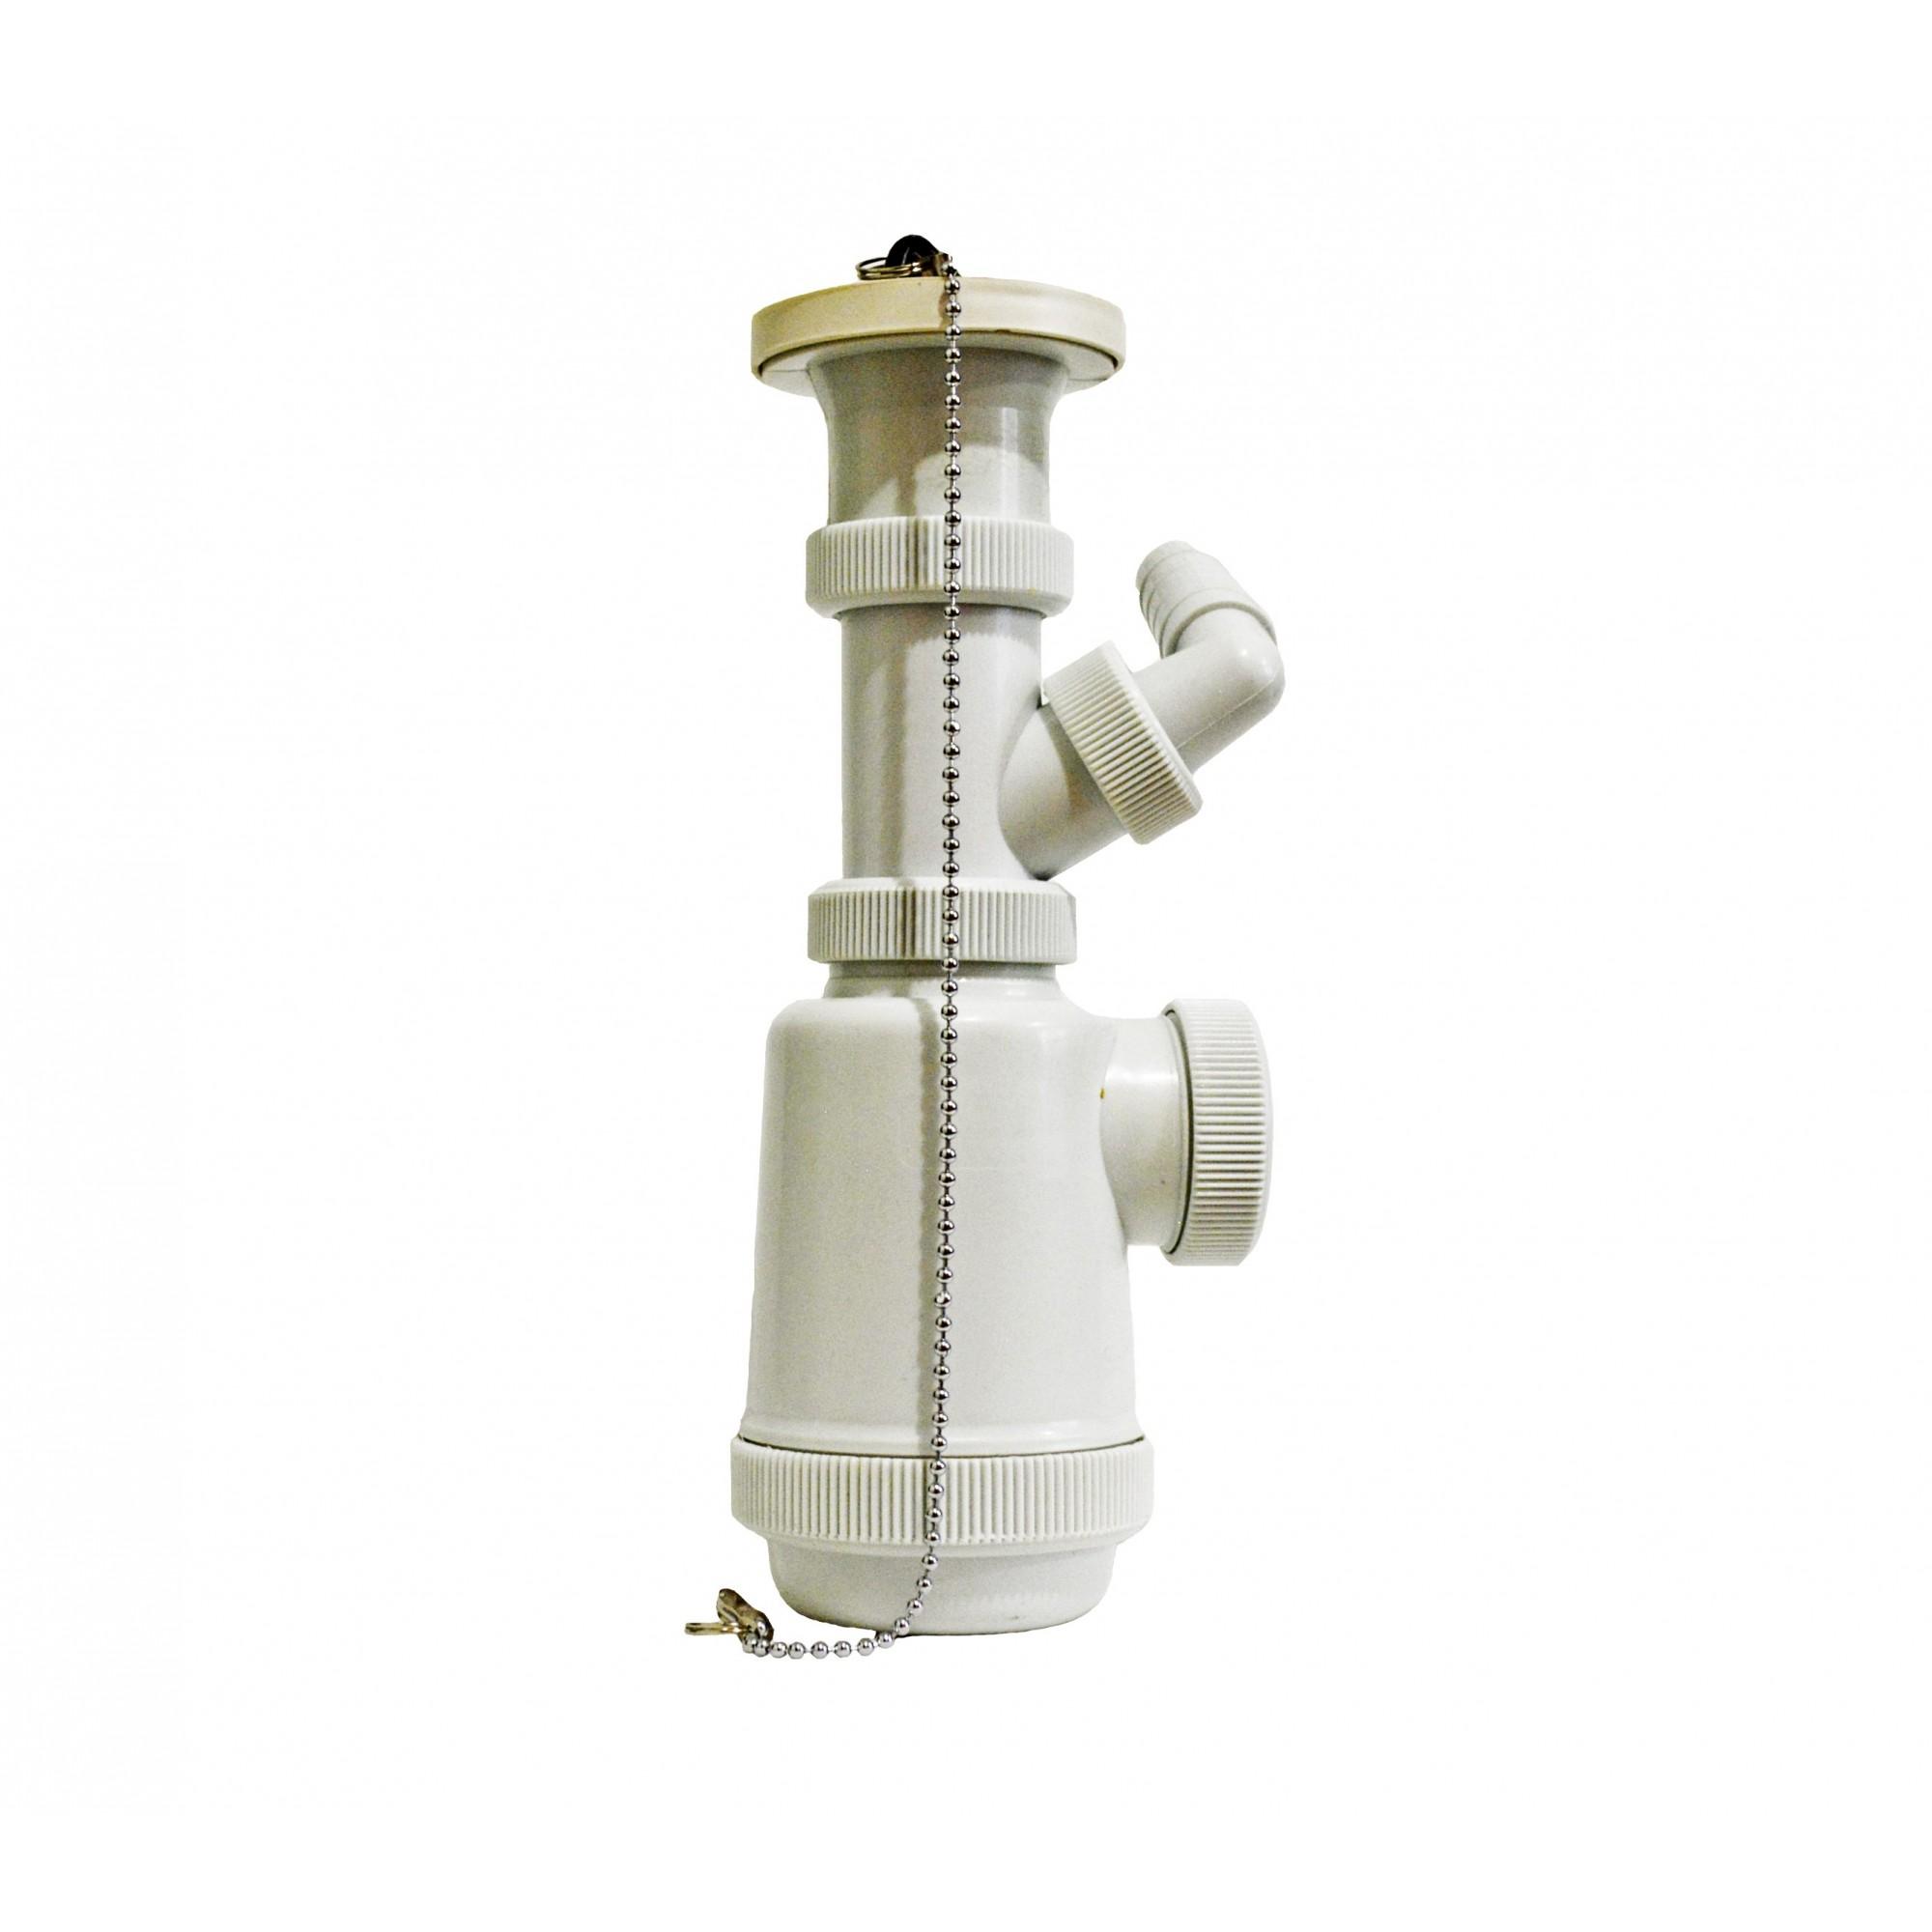 Сифон с подводом для стиральной машины J.G. J.G. - 1